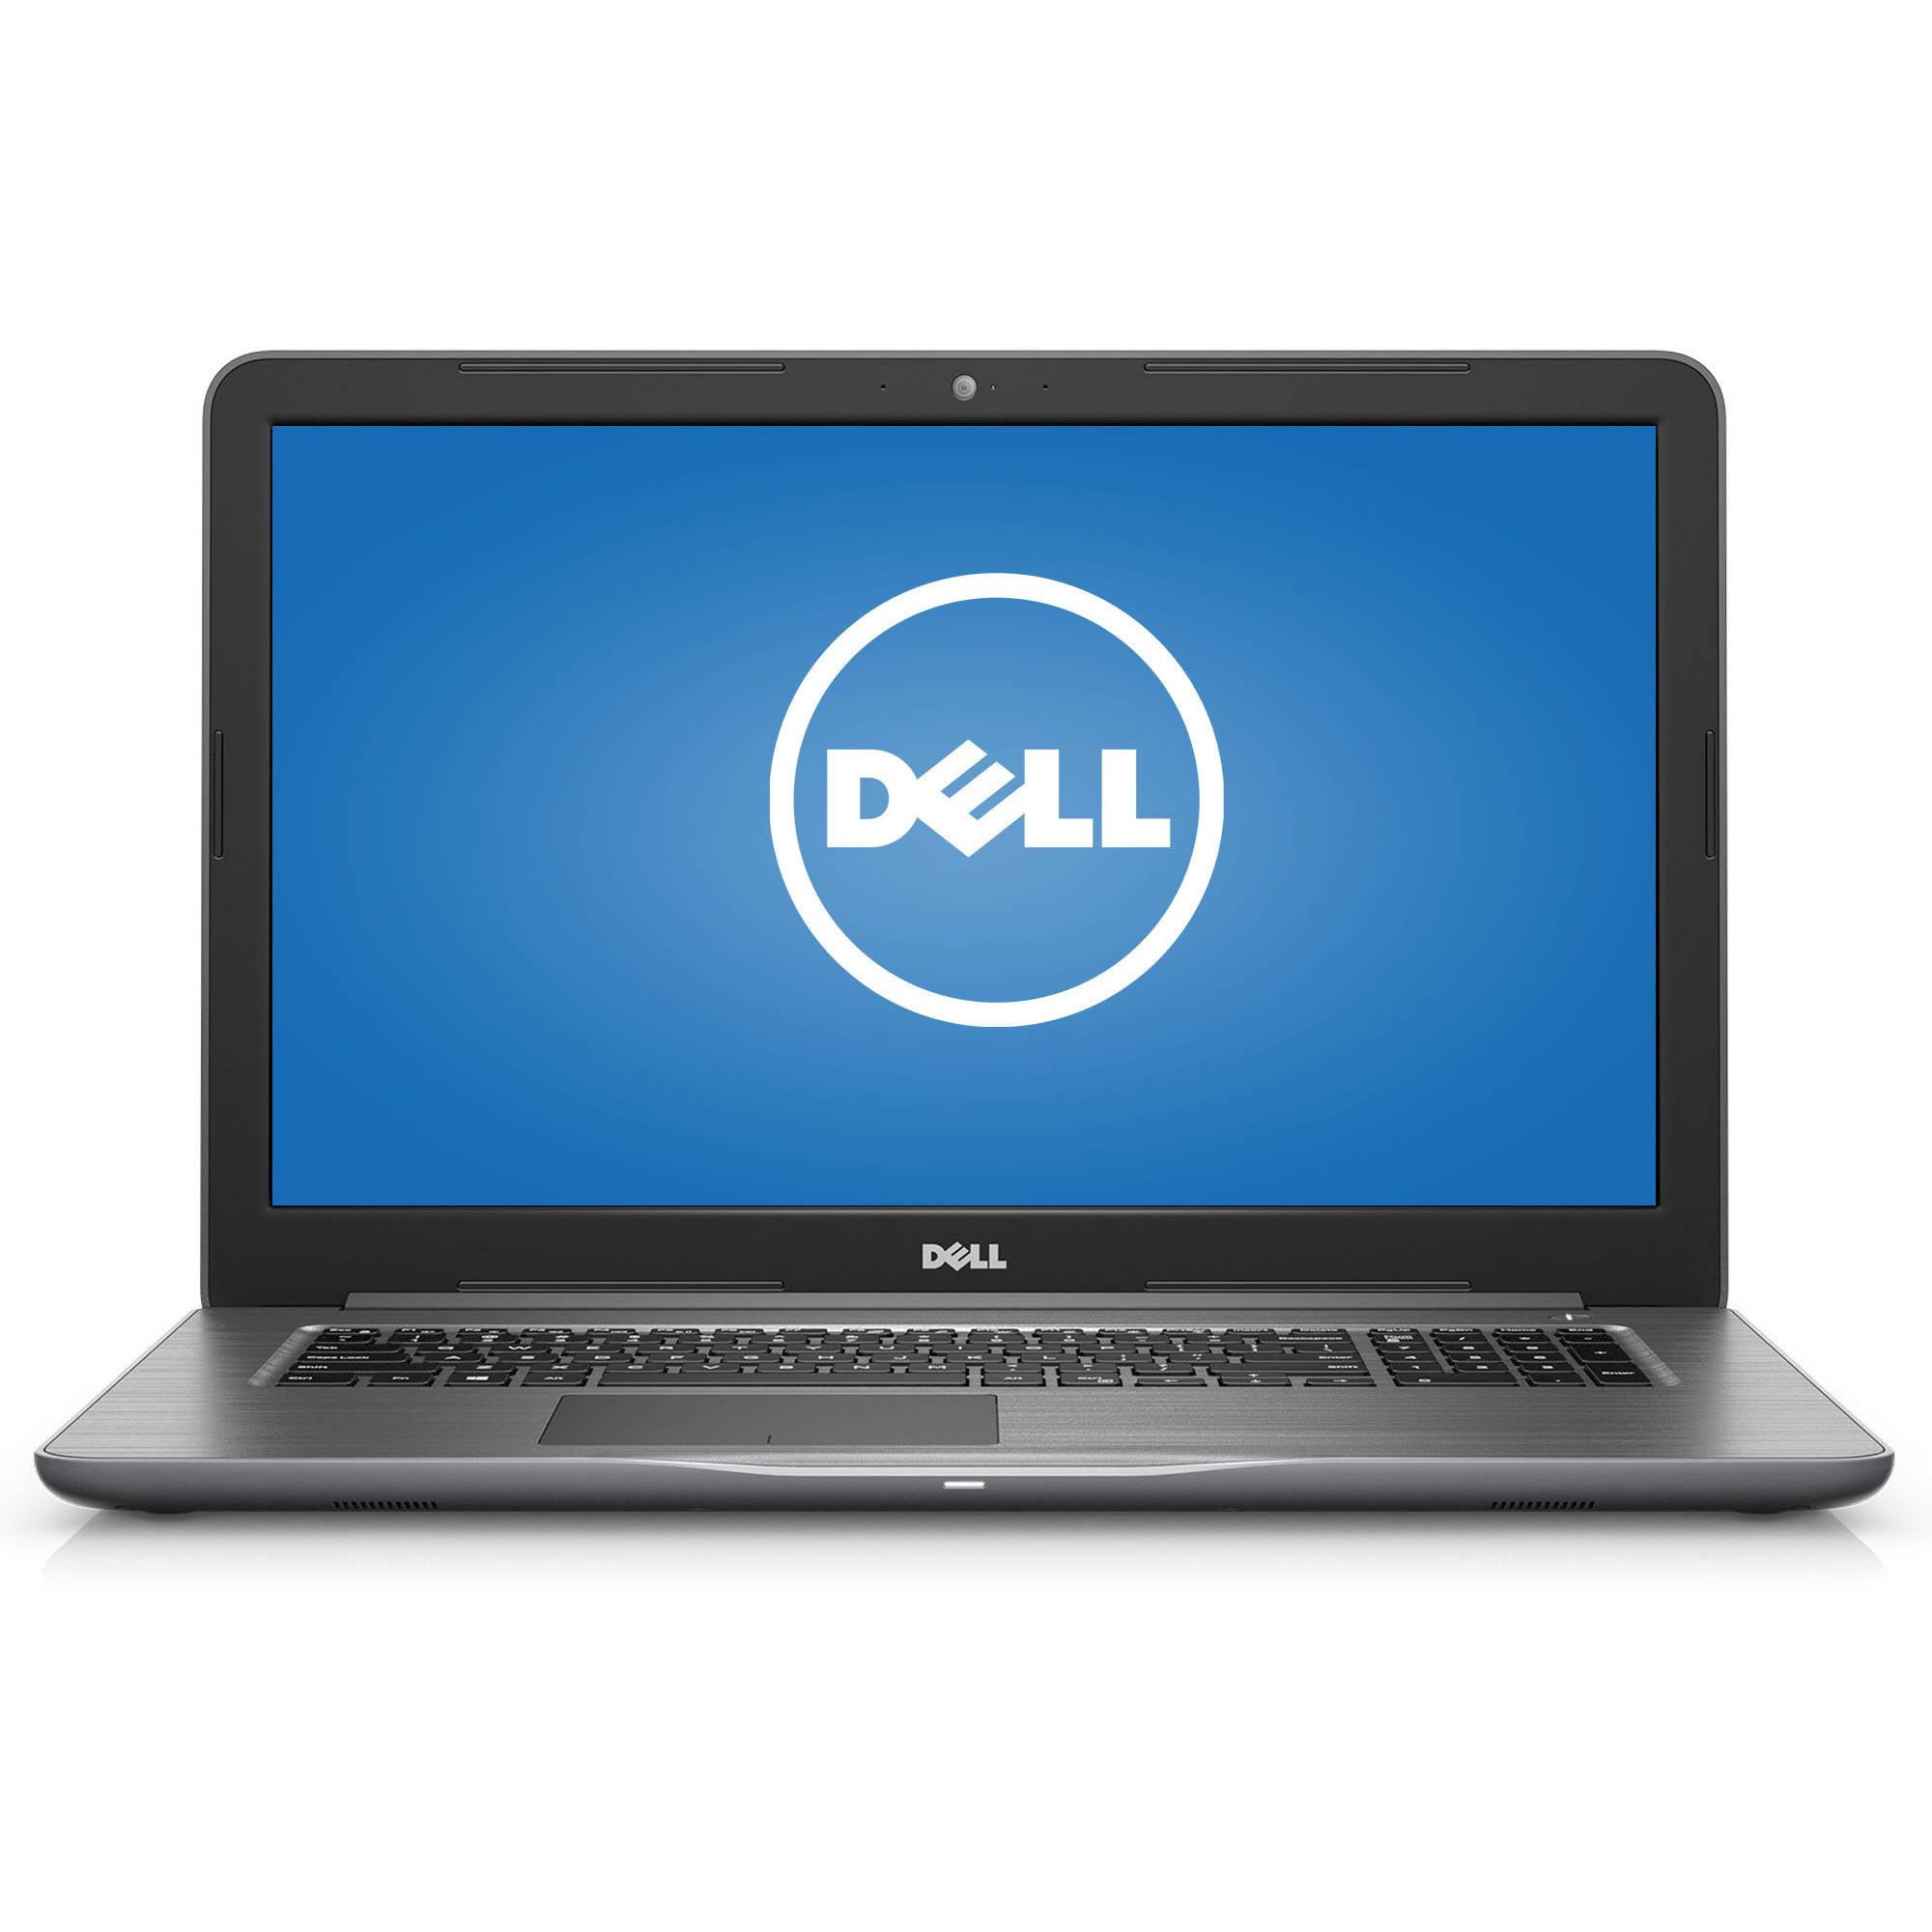 """Dell Inspiron 17 5000 i5767 17.3"""" Laptop, Windows 10 Home, Intel Core i7-7500U Processor, 8GB RAM, 1TB Hard Drive by Dell"""